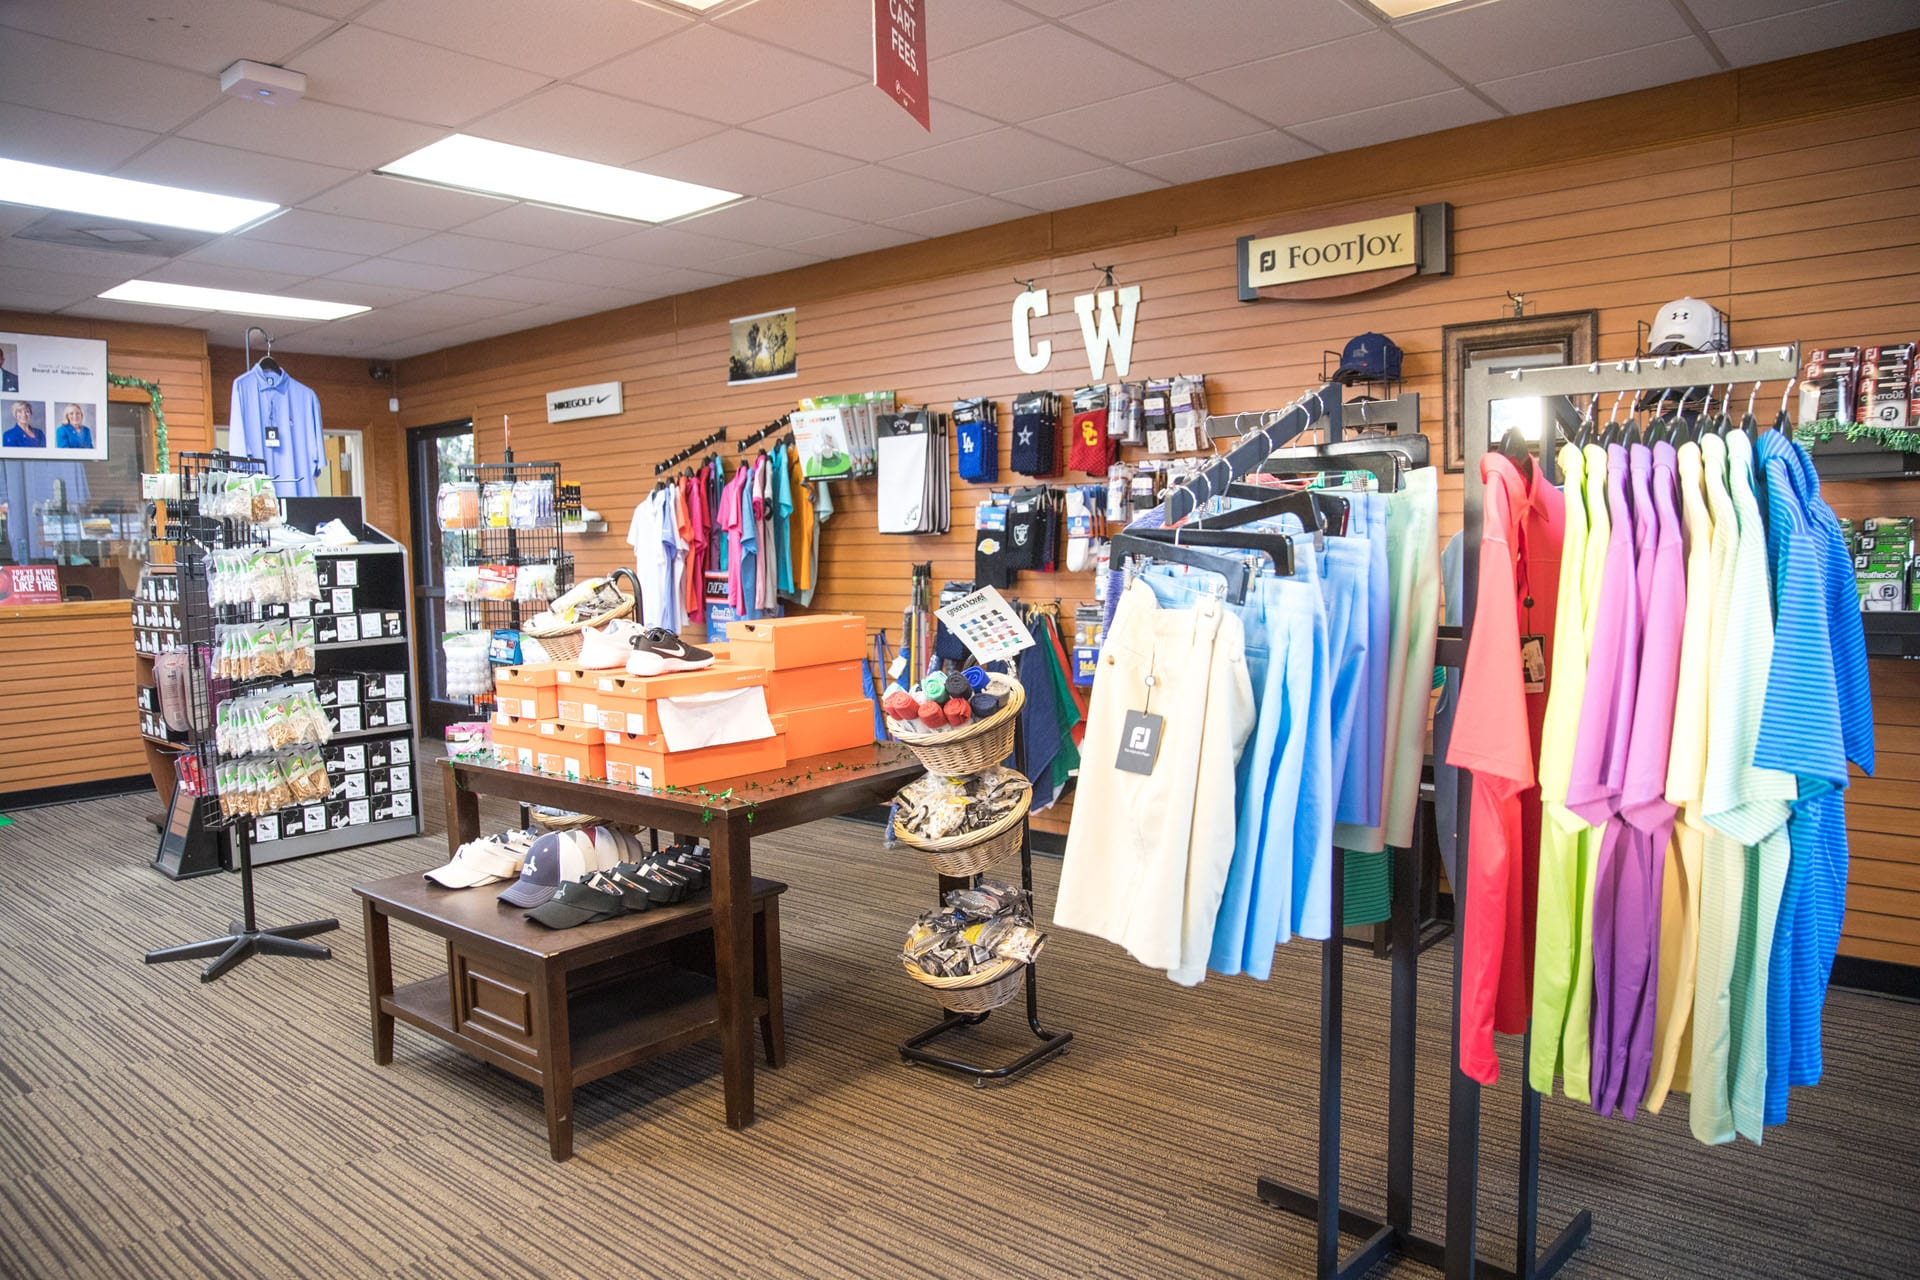 Chester Washington Golf Course pro shop